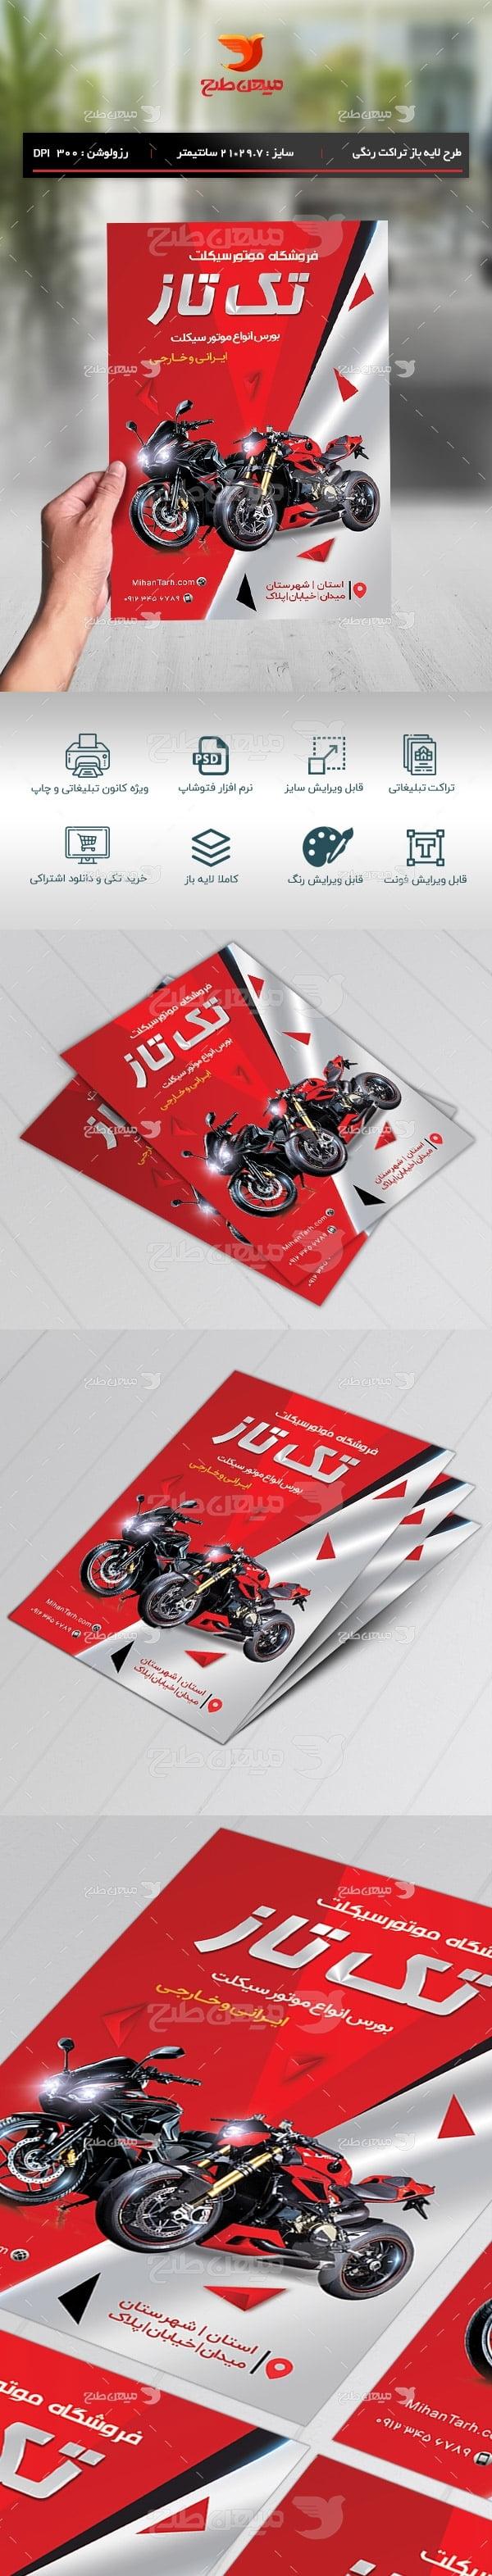 طرح لایه باز تراکت رنگی فروشگاه موتور سیکلت